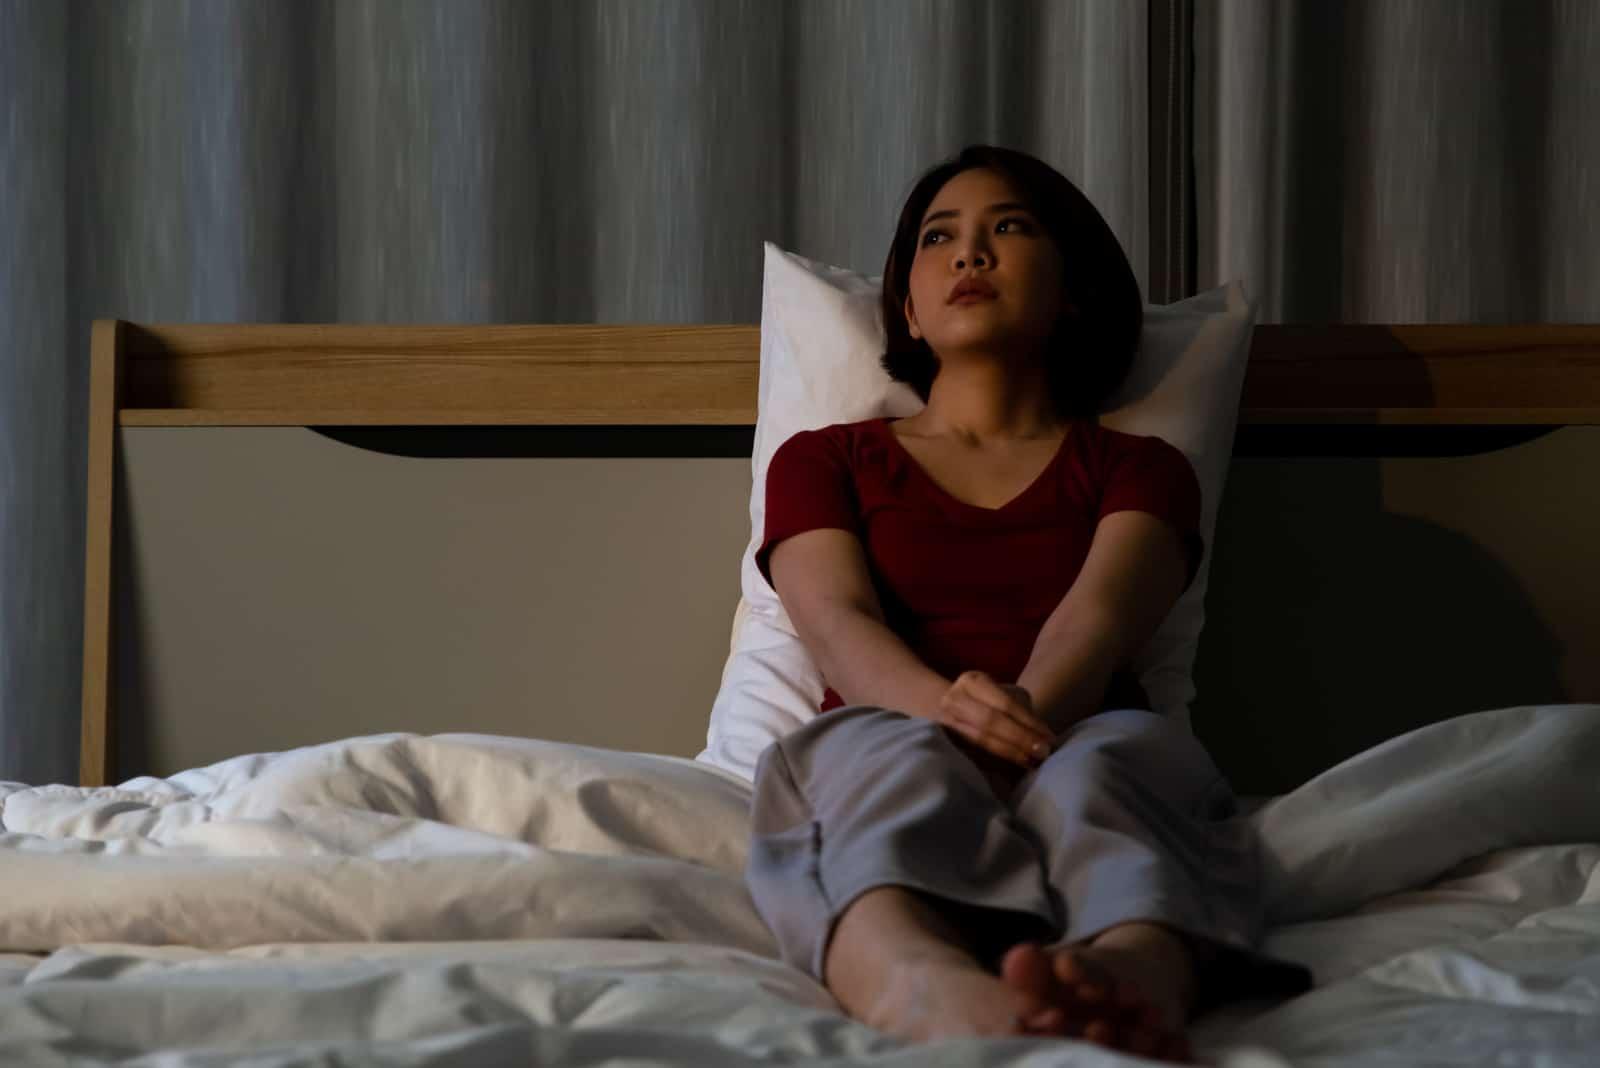 Ein depressives junges schönes asiatisches Mädchen sitzt im Bett und denkt nach